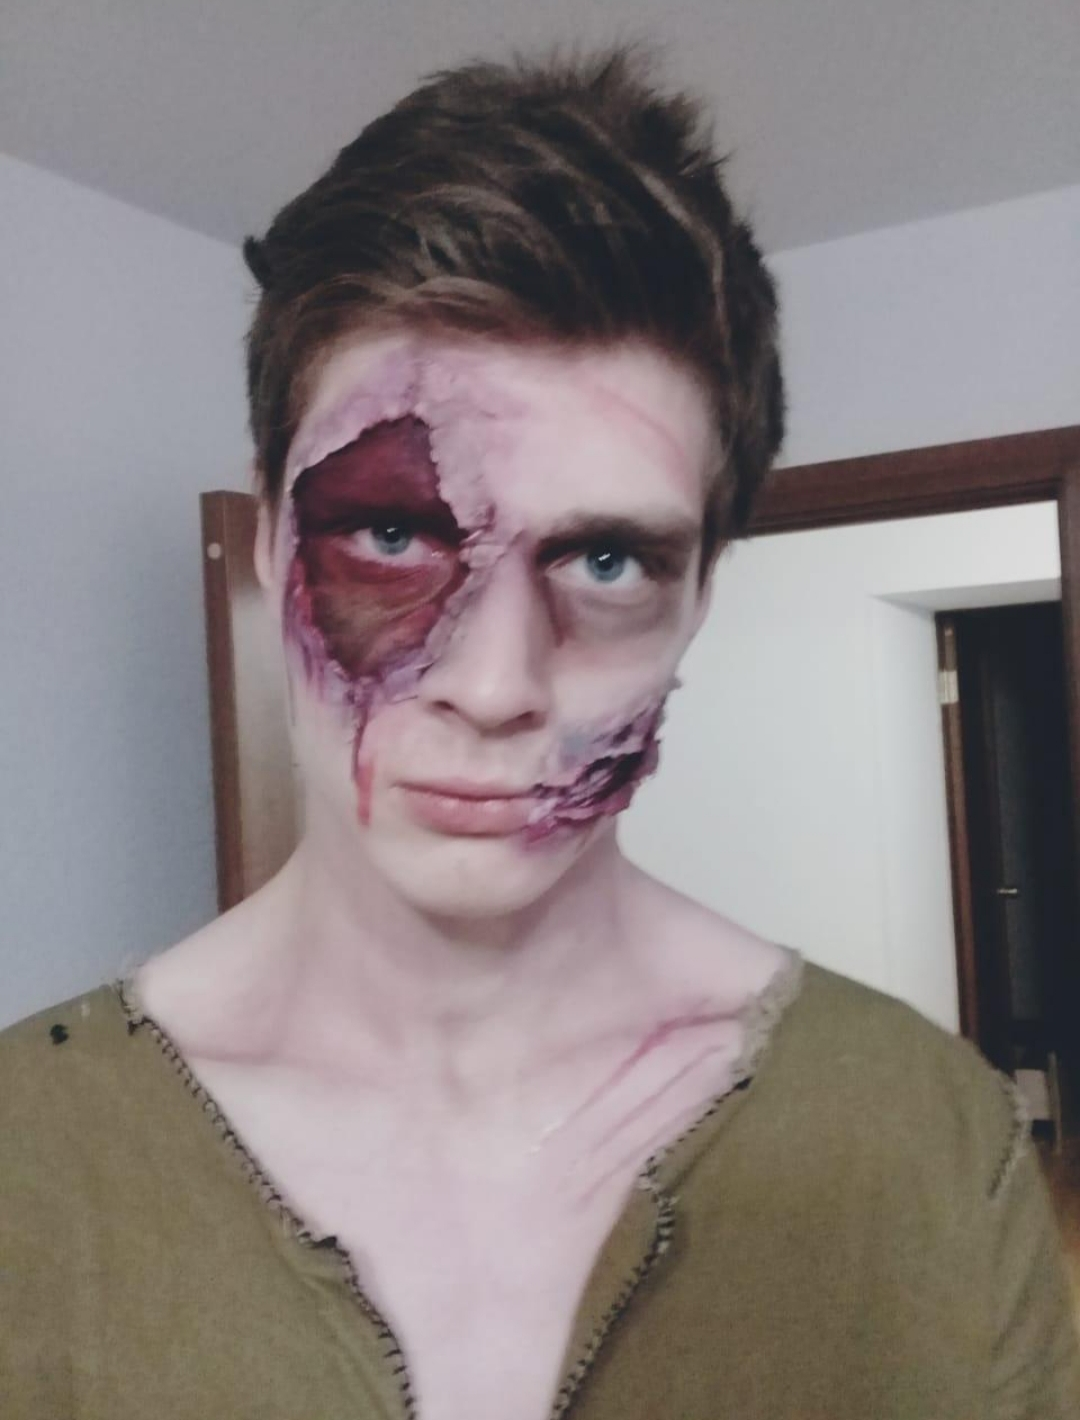 По Благовещенску гуляют «зомби» и люди со страшными шрамами